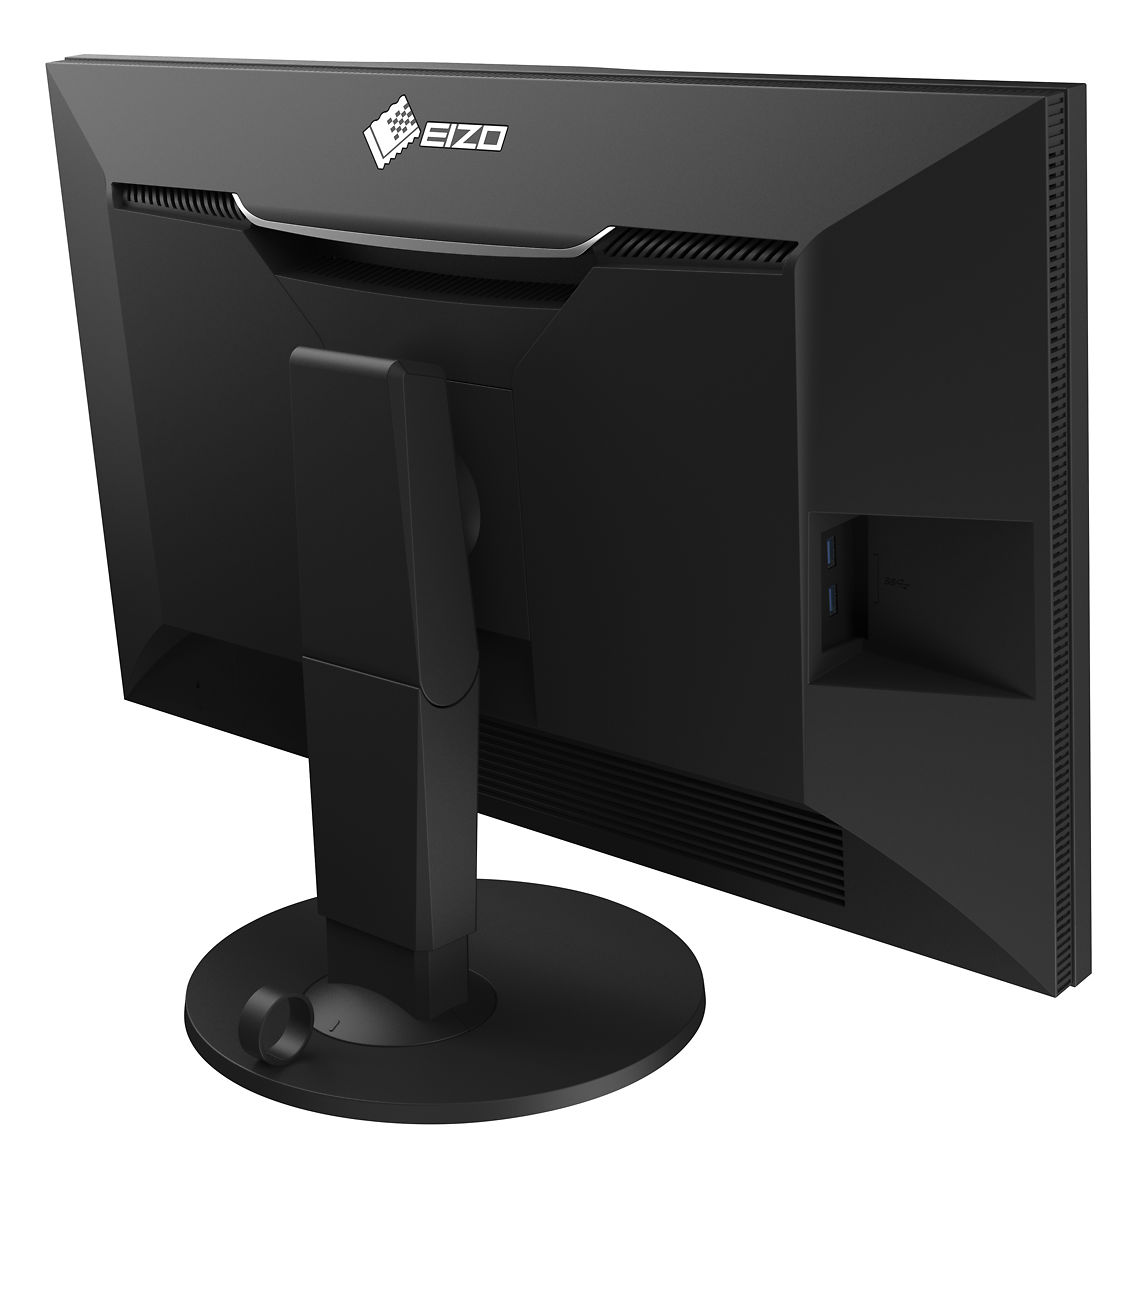 """Eizo ColorEdge CG279X 27"""" Monitor Image"""